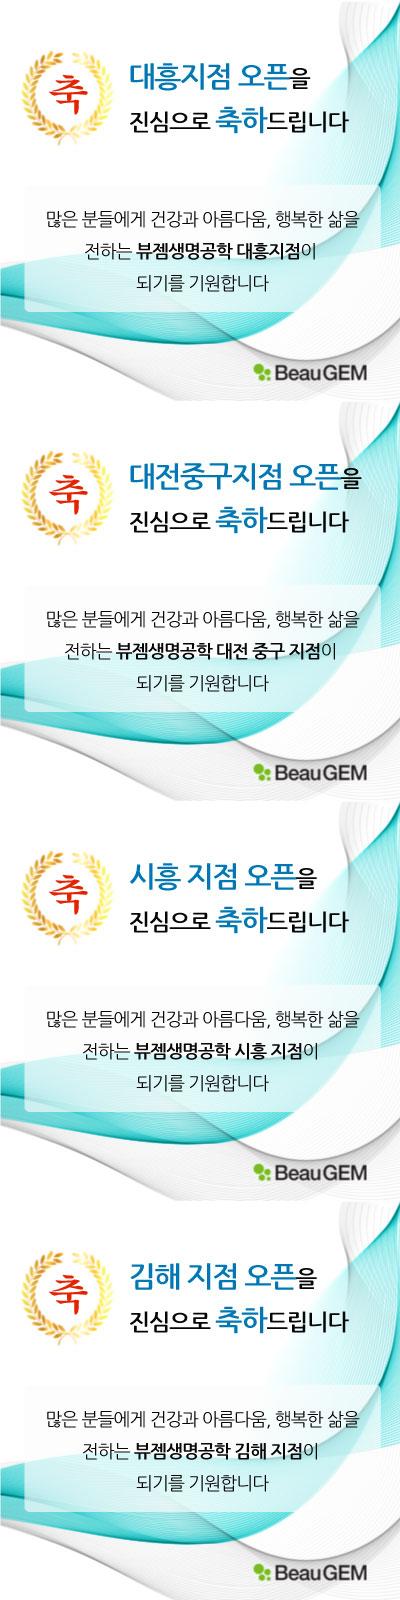 200525-지점-오픈-축하-팝업(대흥,-대전중구,시흥,김해).jpg